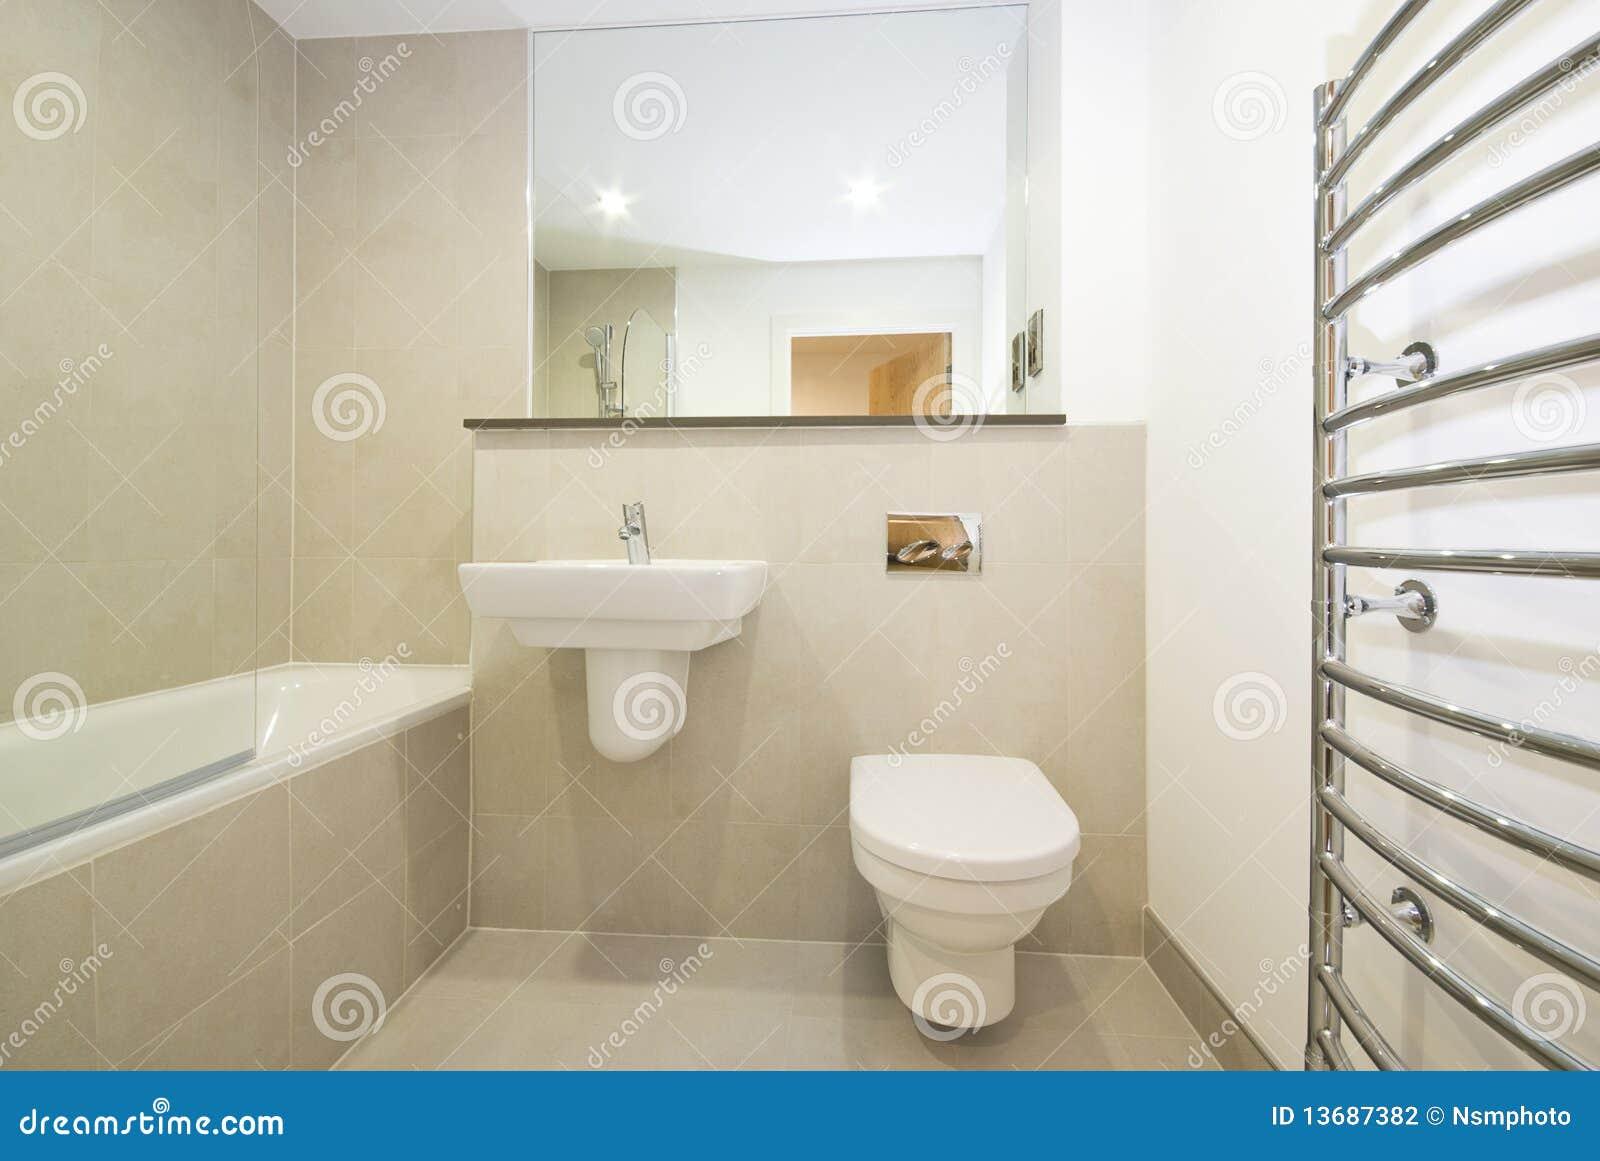 Banheiro En suie Moderno No Bege Fotografia de Stock Imagem  #85A823 1300x960 Banheiro Bege Com Verde